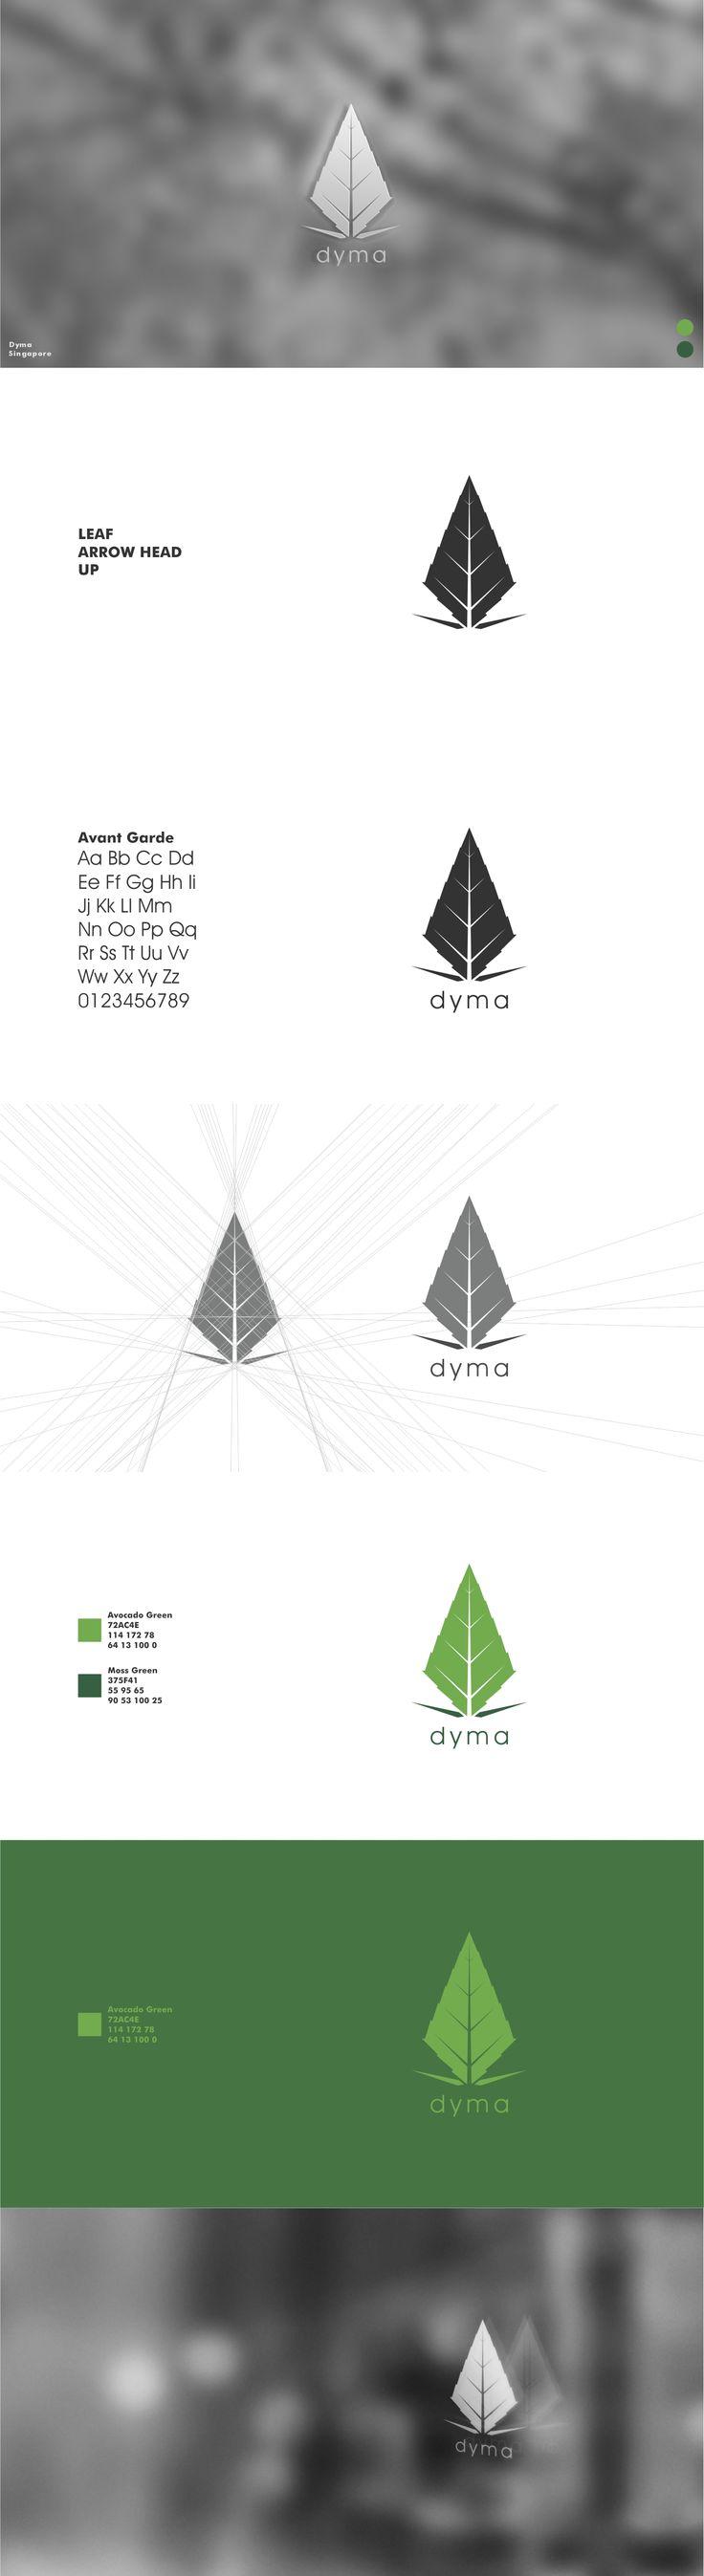 Dyma - Visual Identity #visual #identity #visualidentity #logo #graphic #design #graphicdesign #digitalart #presentation #portfolio